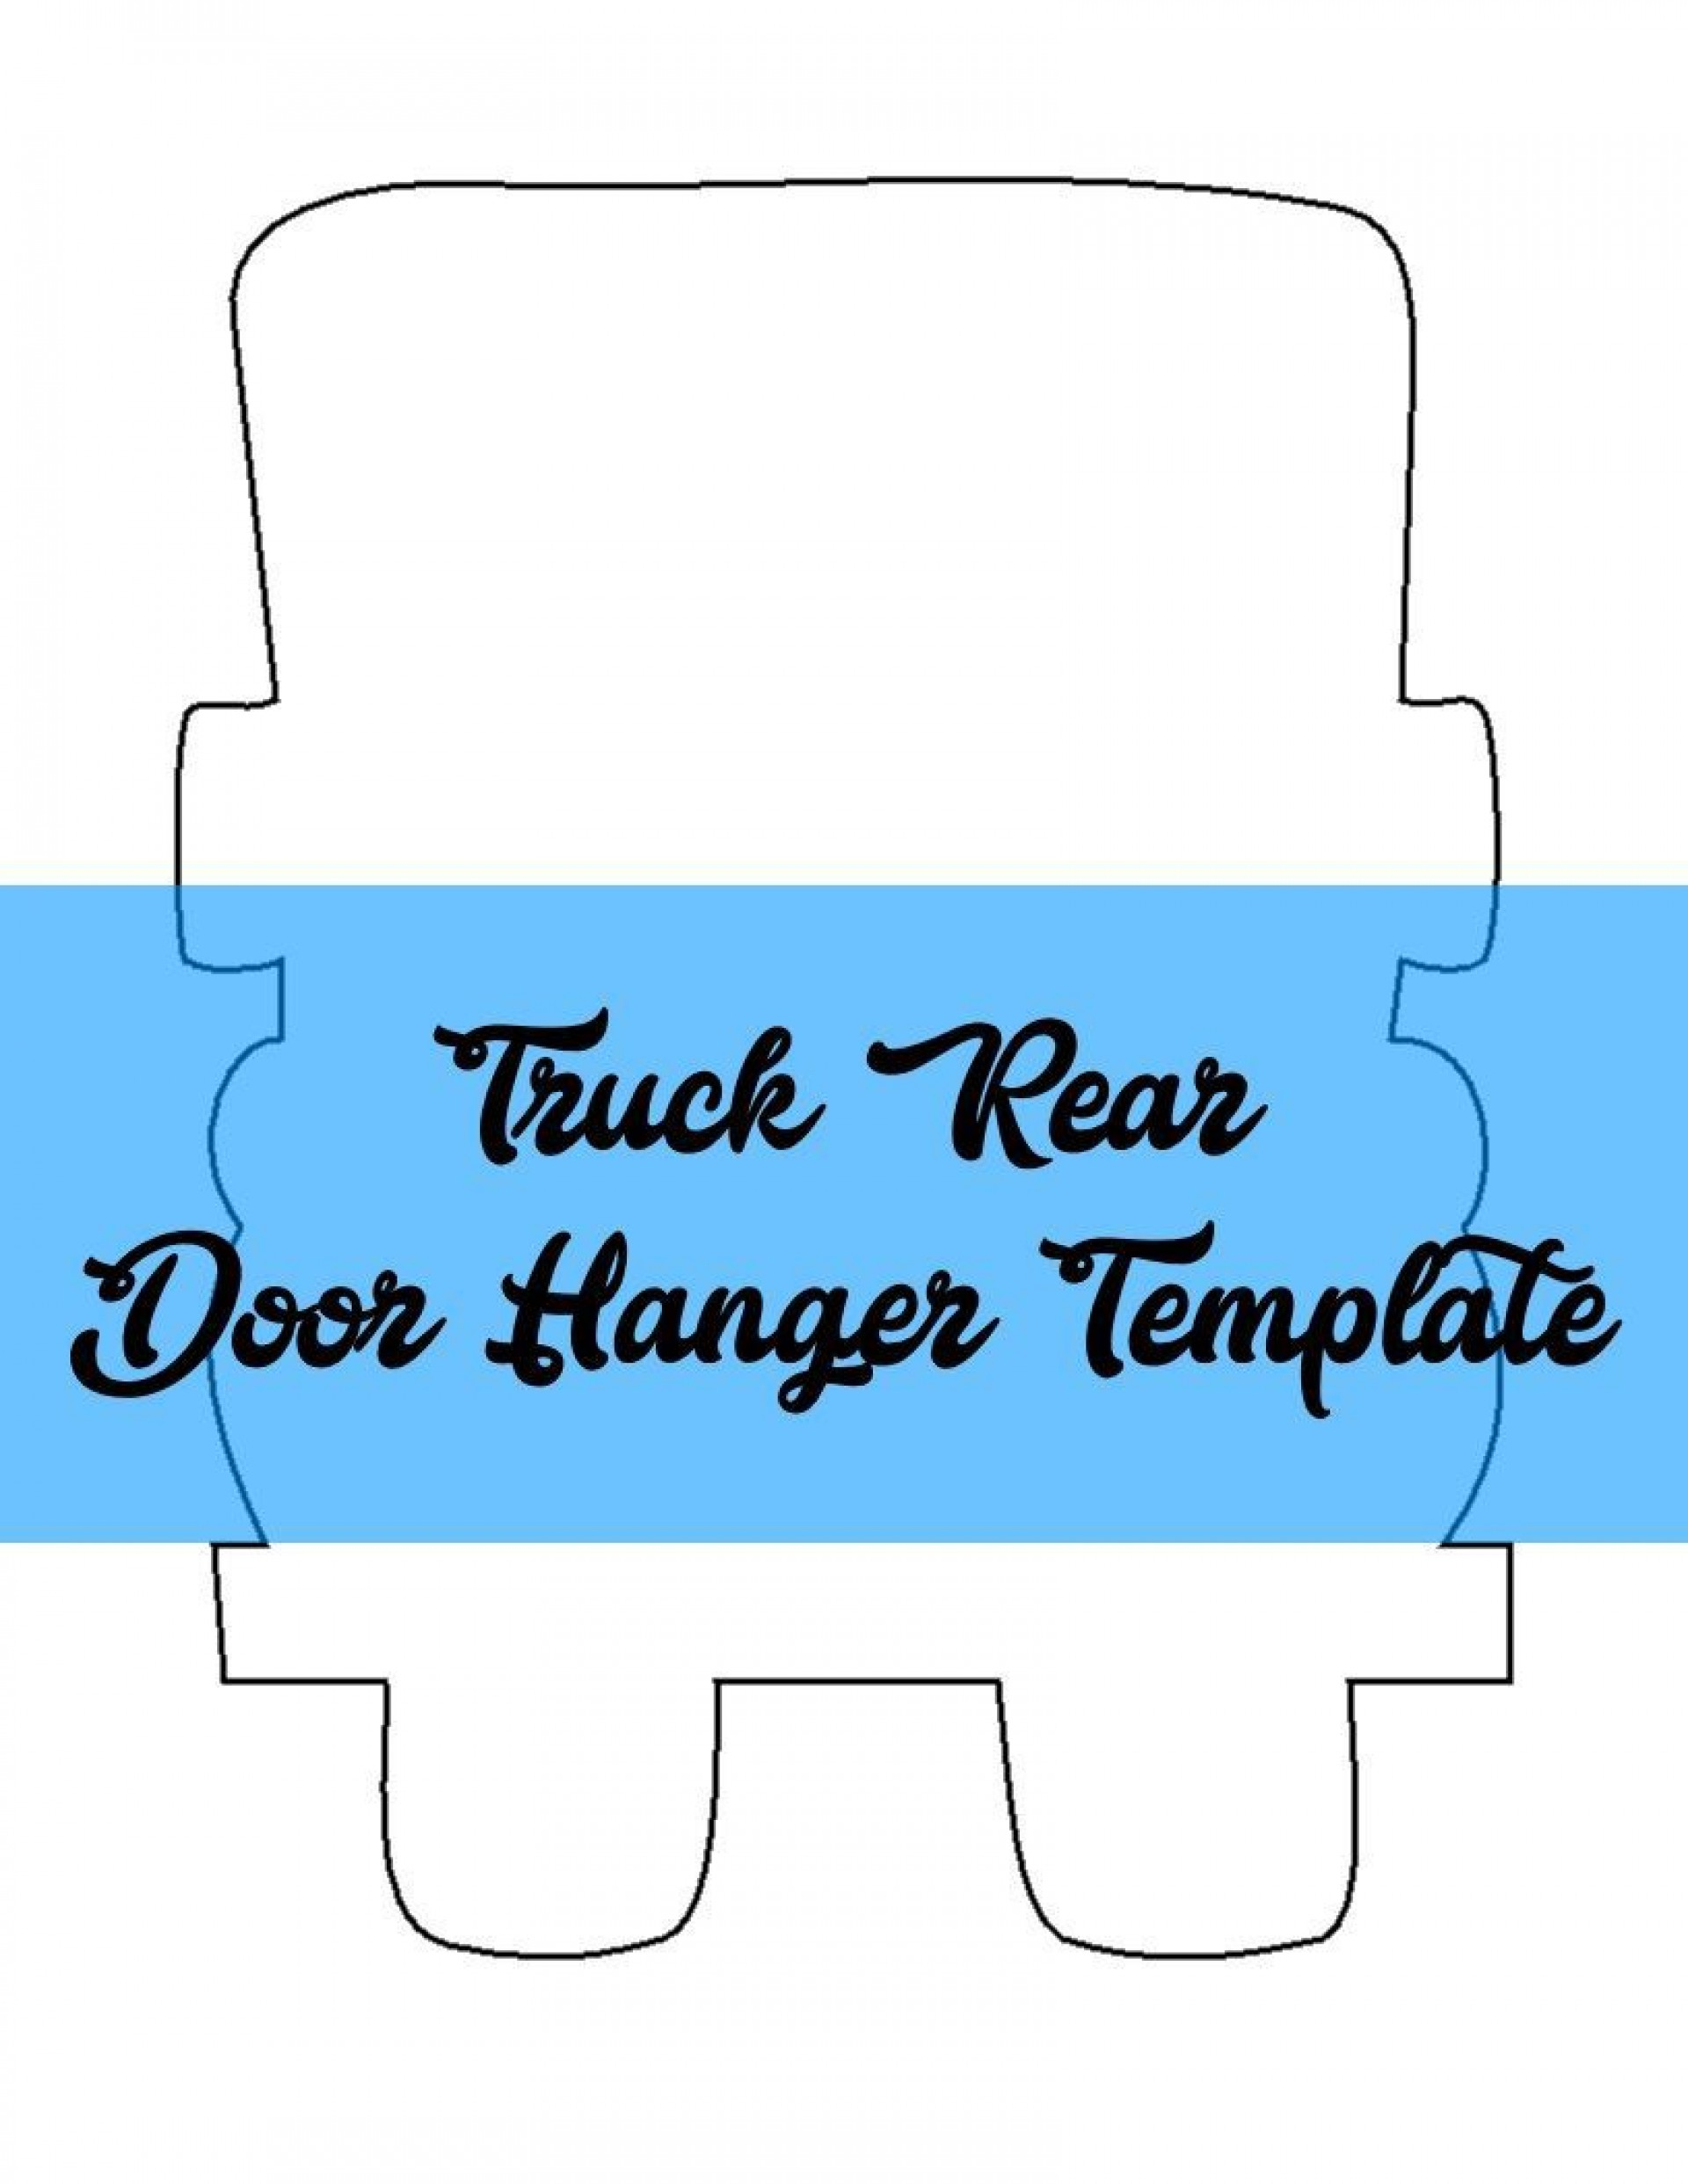 009 Formidable Free Download Door Hanger Template Concept 1920